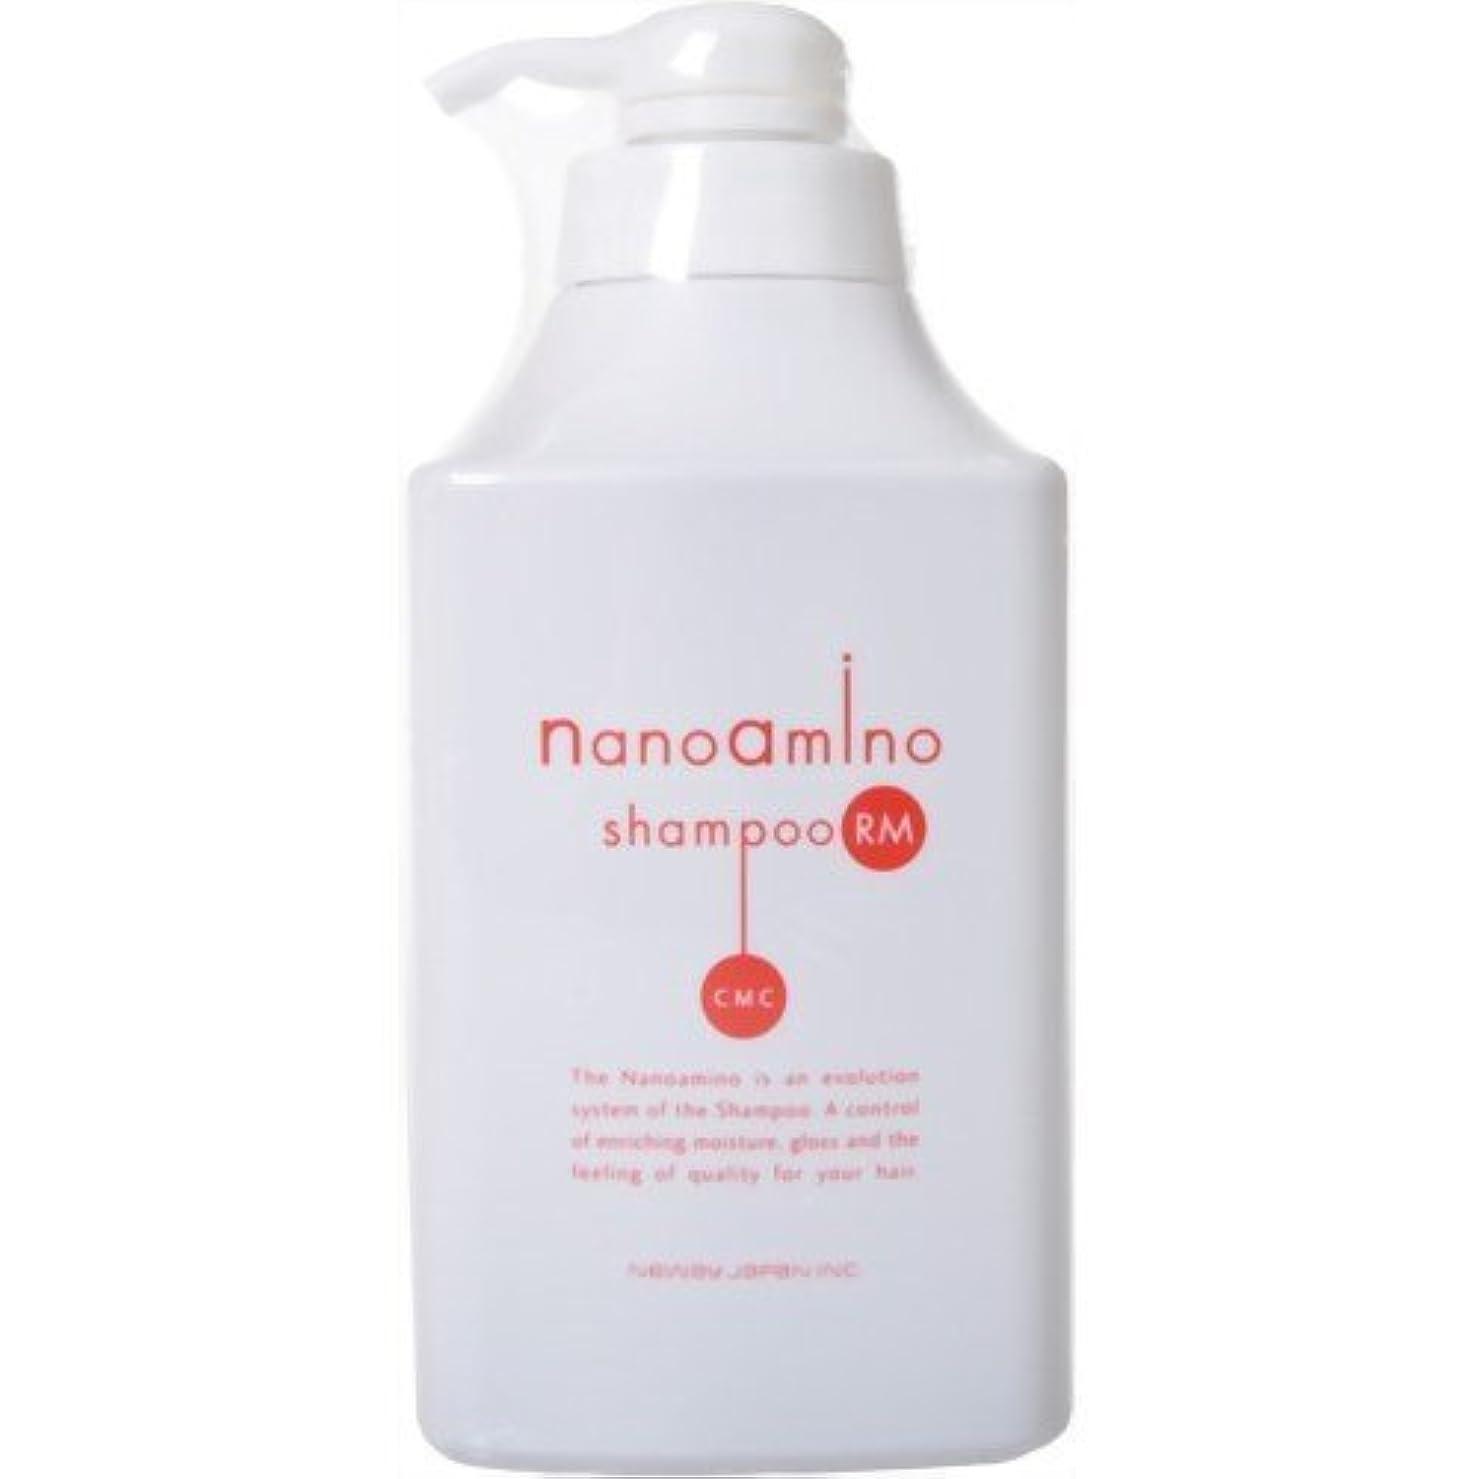 購入シーケンスリスキーなニューウェイジャパン ナノアミノ シャンプー RM 1000ml